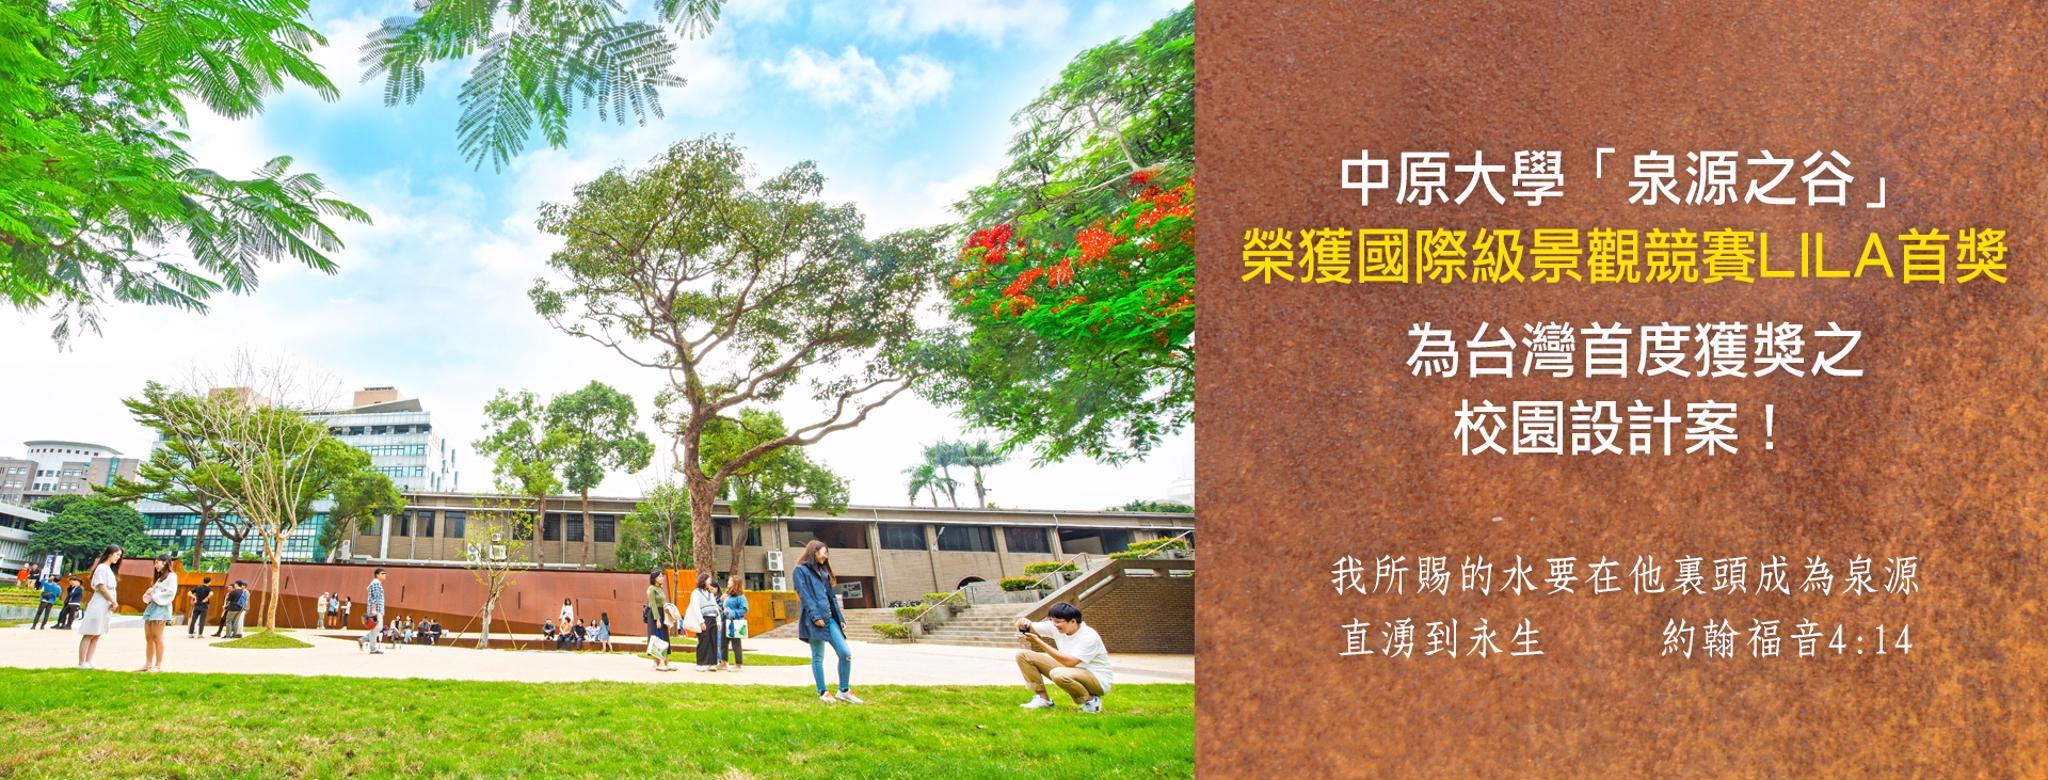 中原大學「泉源之谷」榮獲國際級景觀競賽LILA首獎 為台灣爭光!